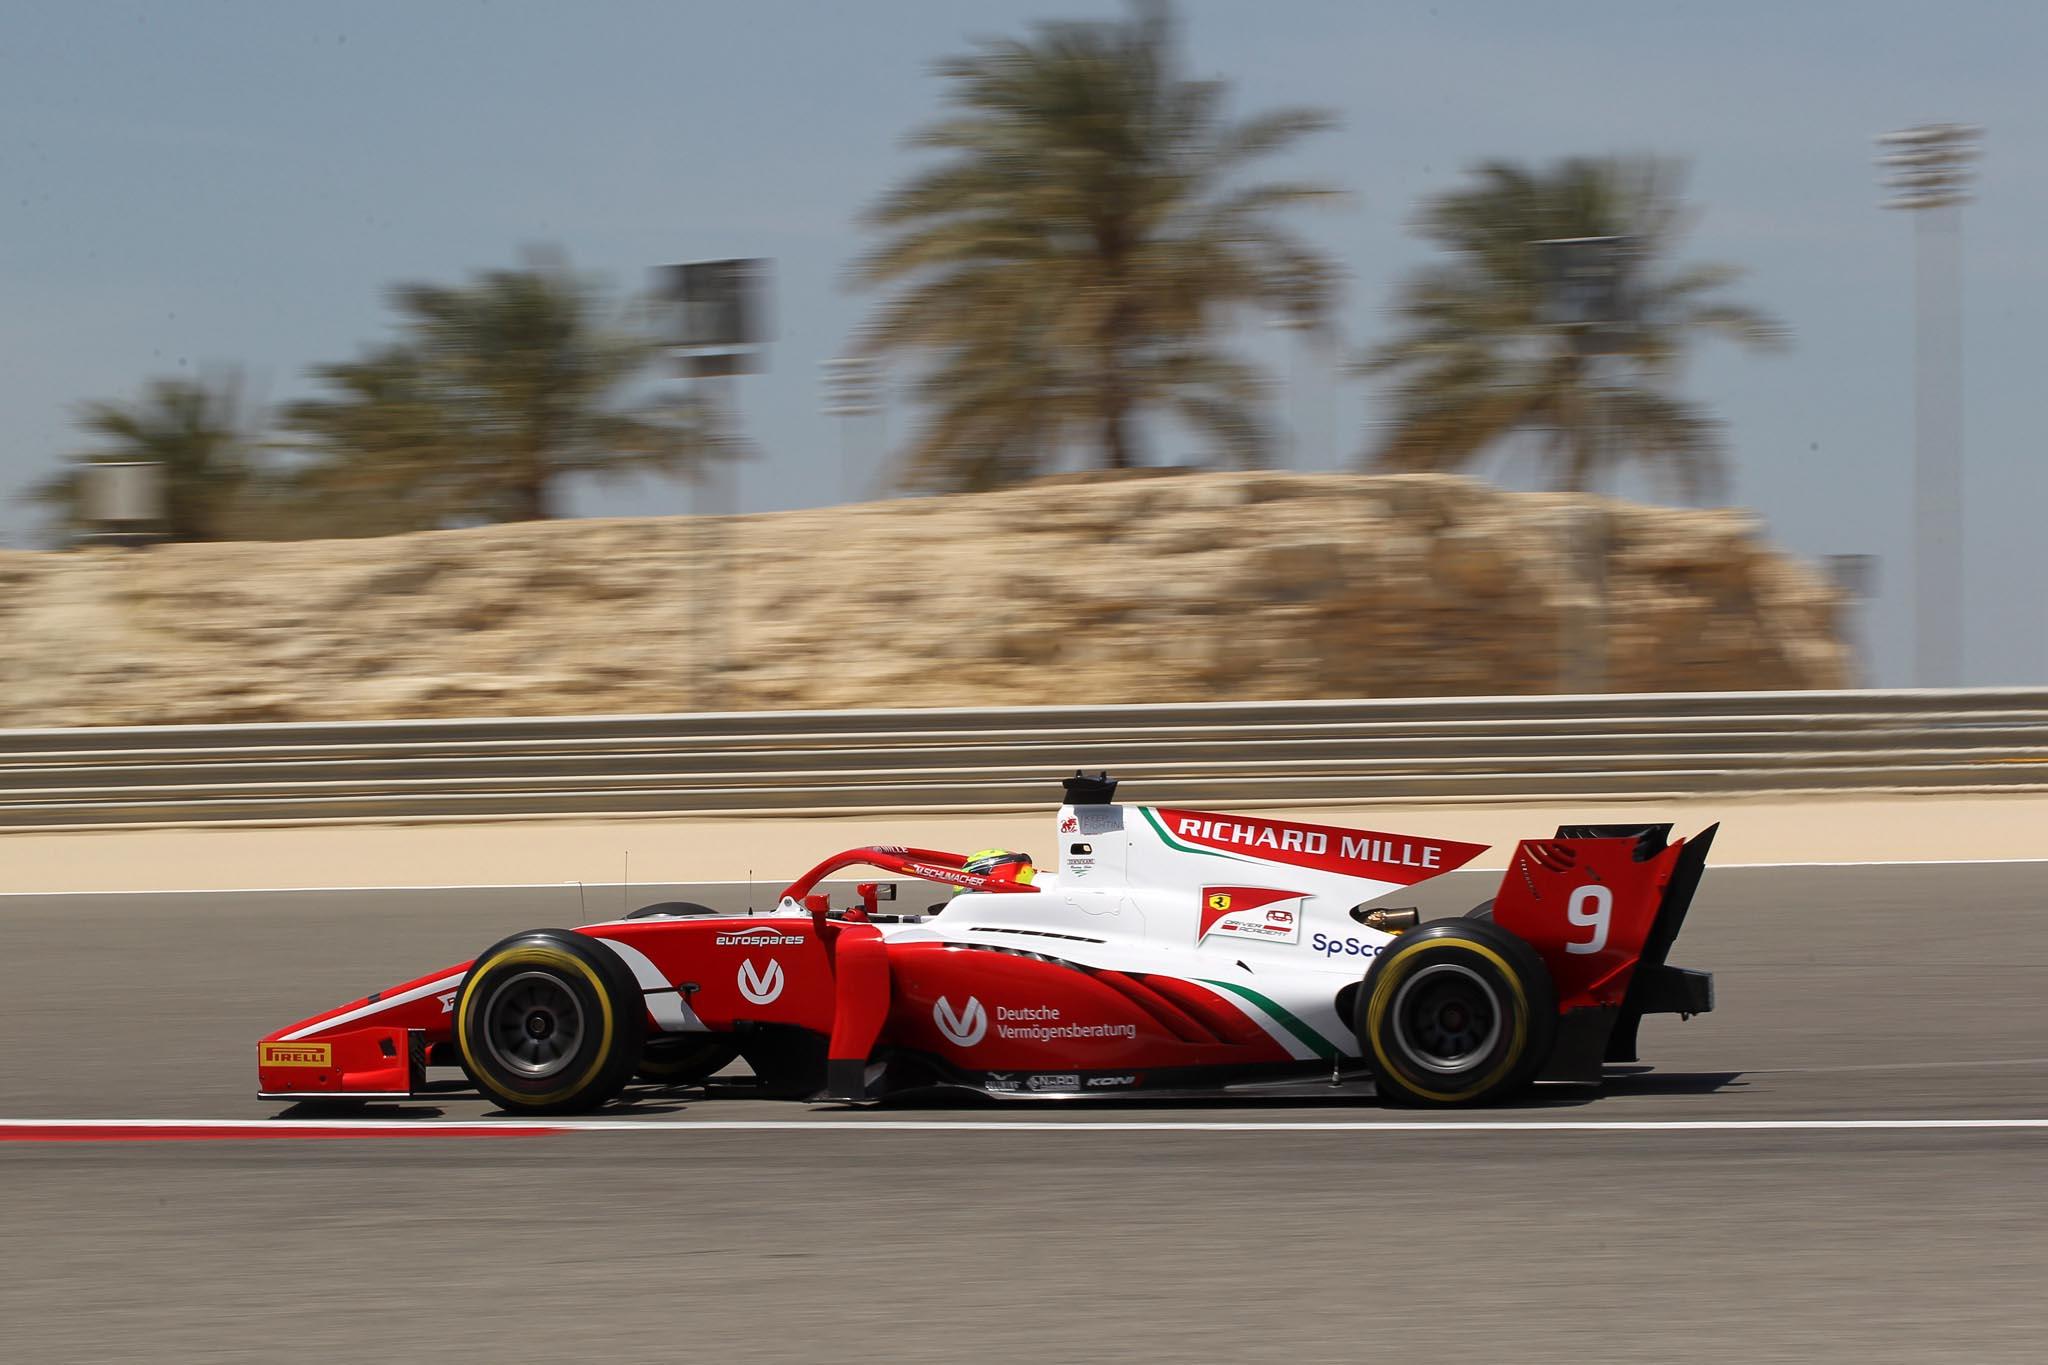 29.03.2019 - Free Practice, Mick Schumacher (GER) PREMA Racing